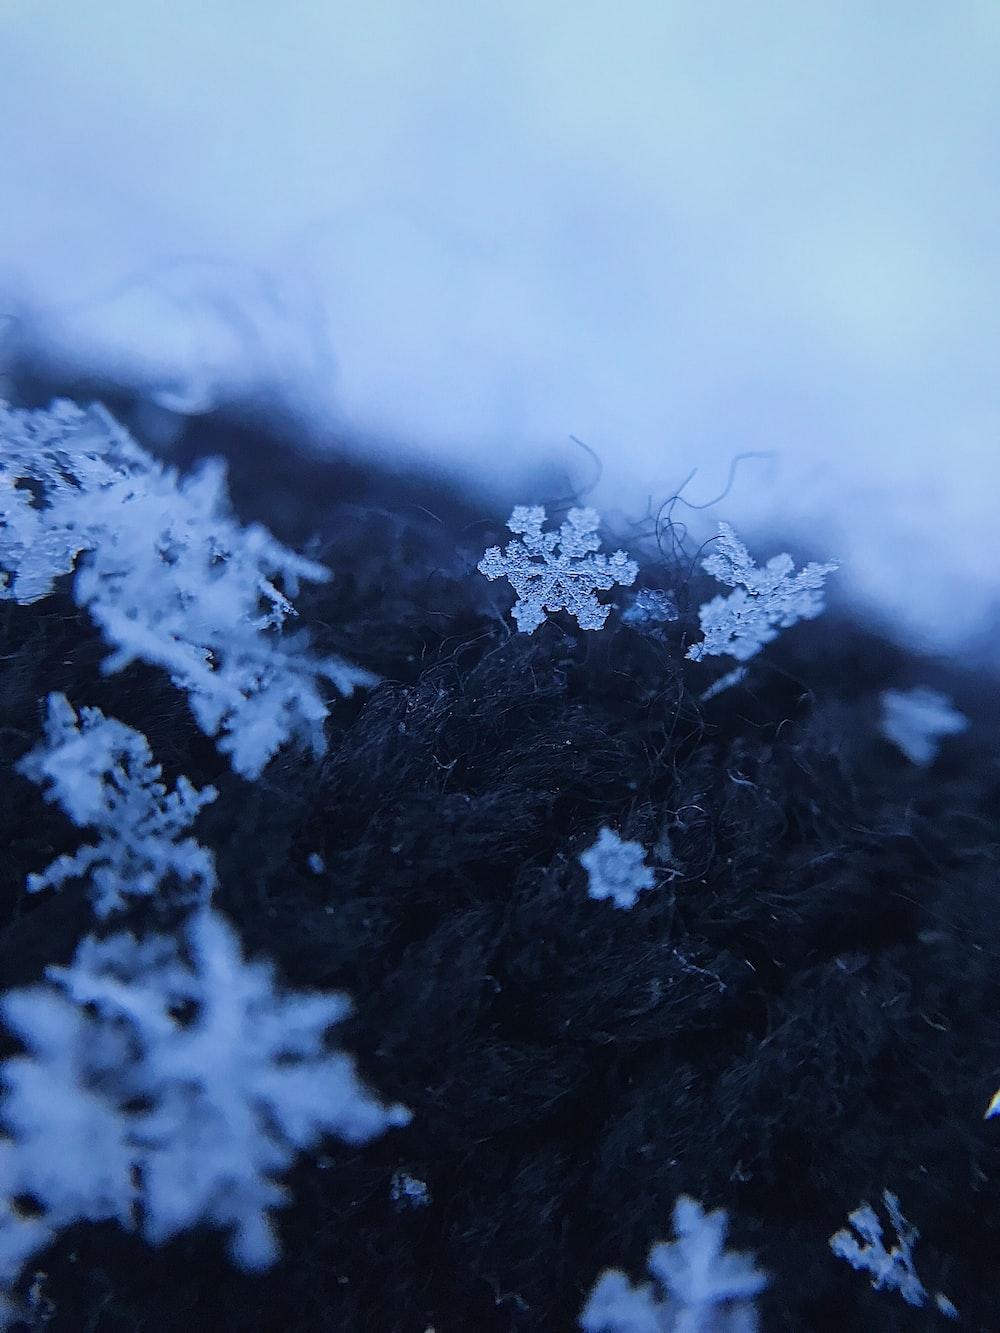 white snow on black and white textile